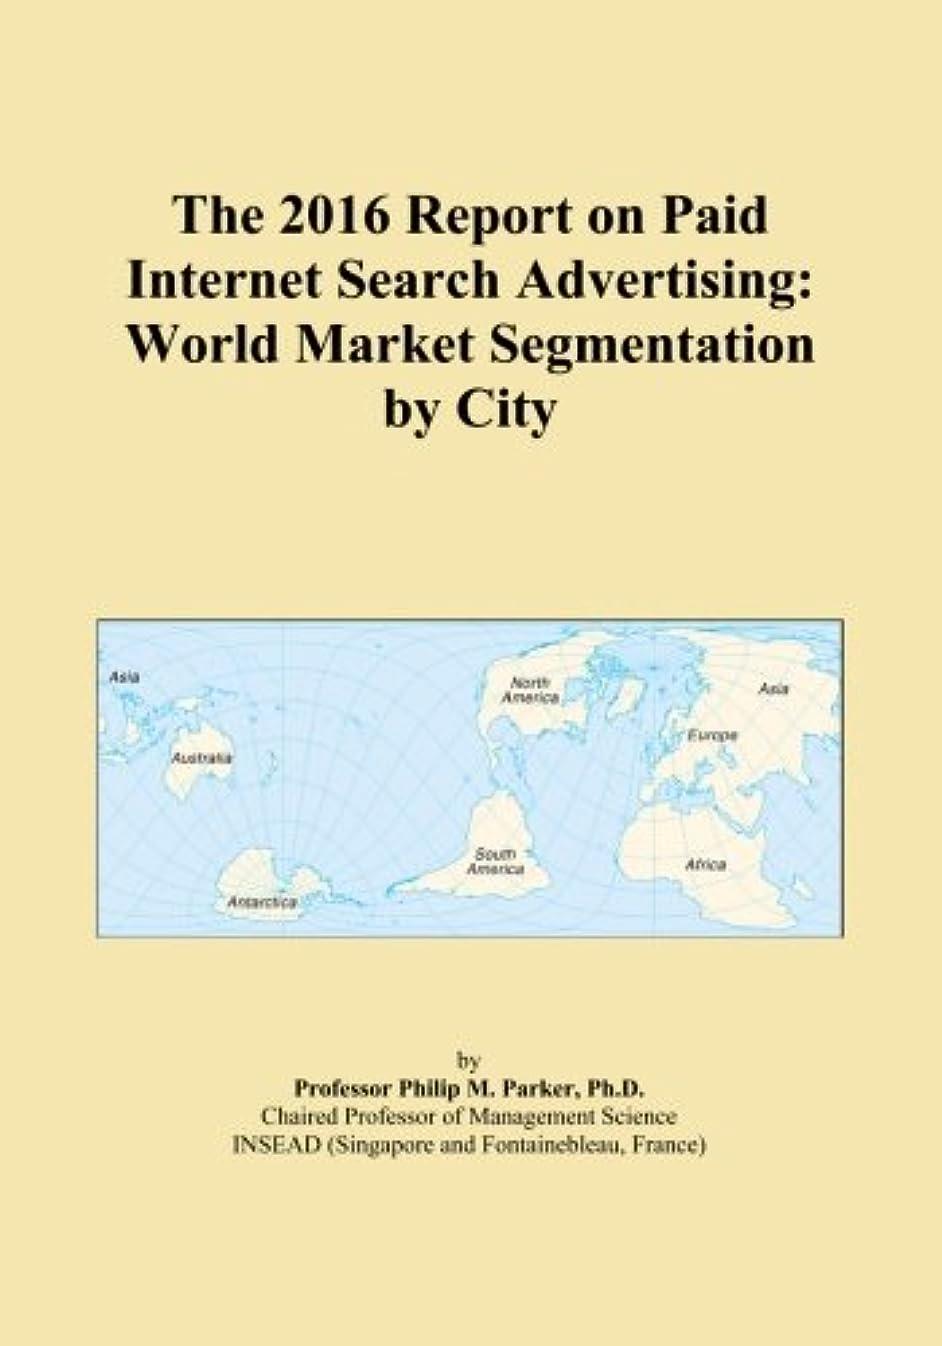 タイヤ購入あいにくThe 2016 Report on Paid Internet Search Advertising: World Market Segmentation by City